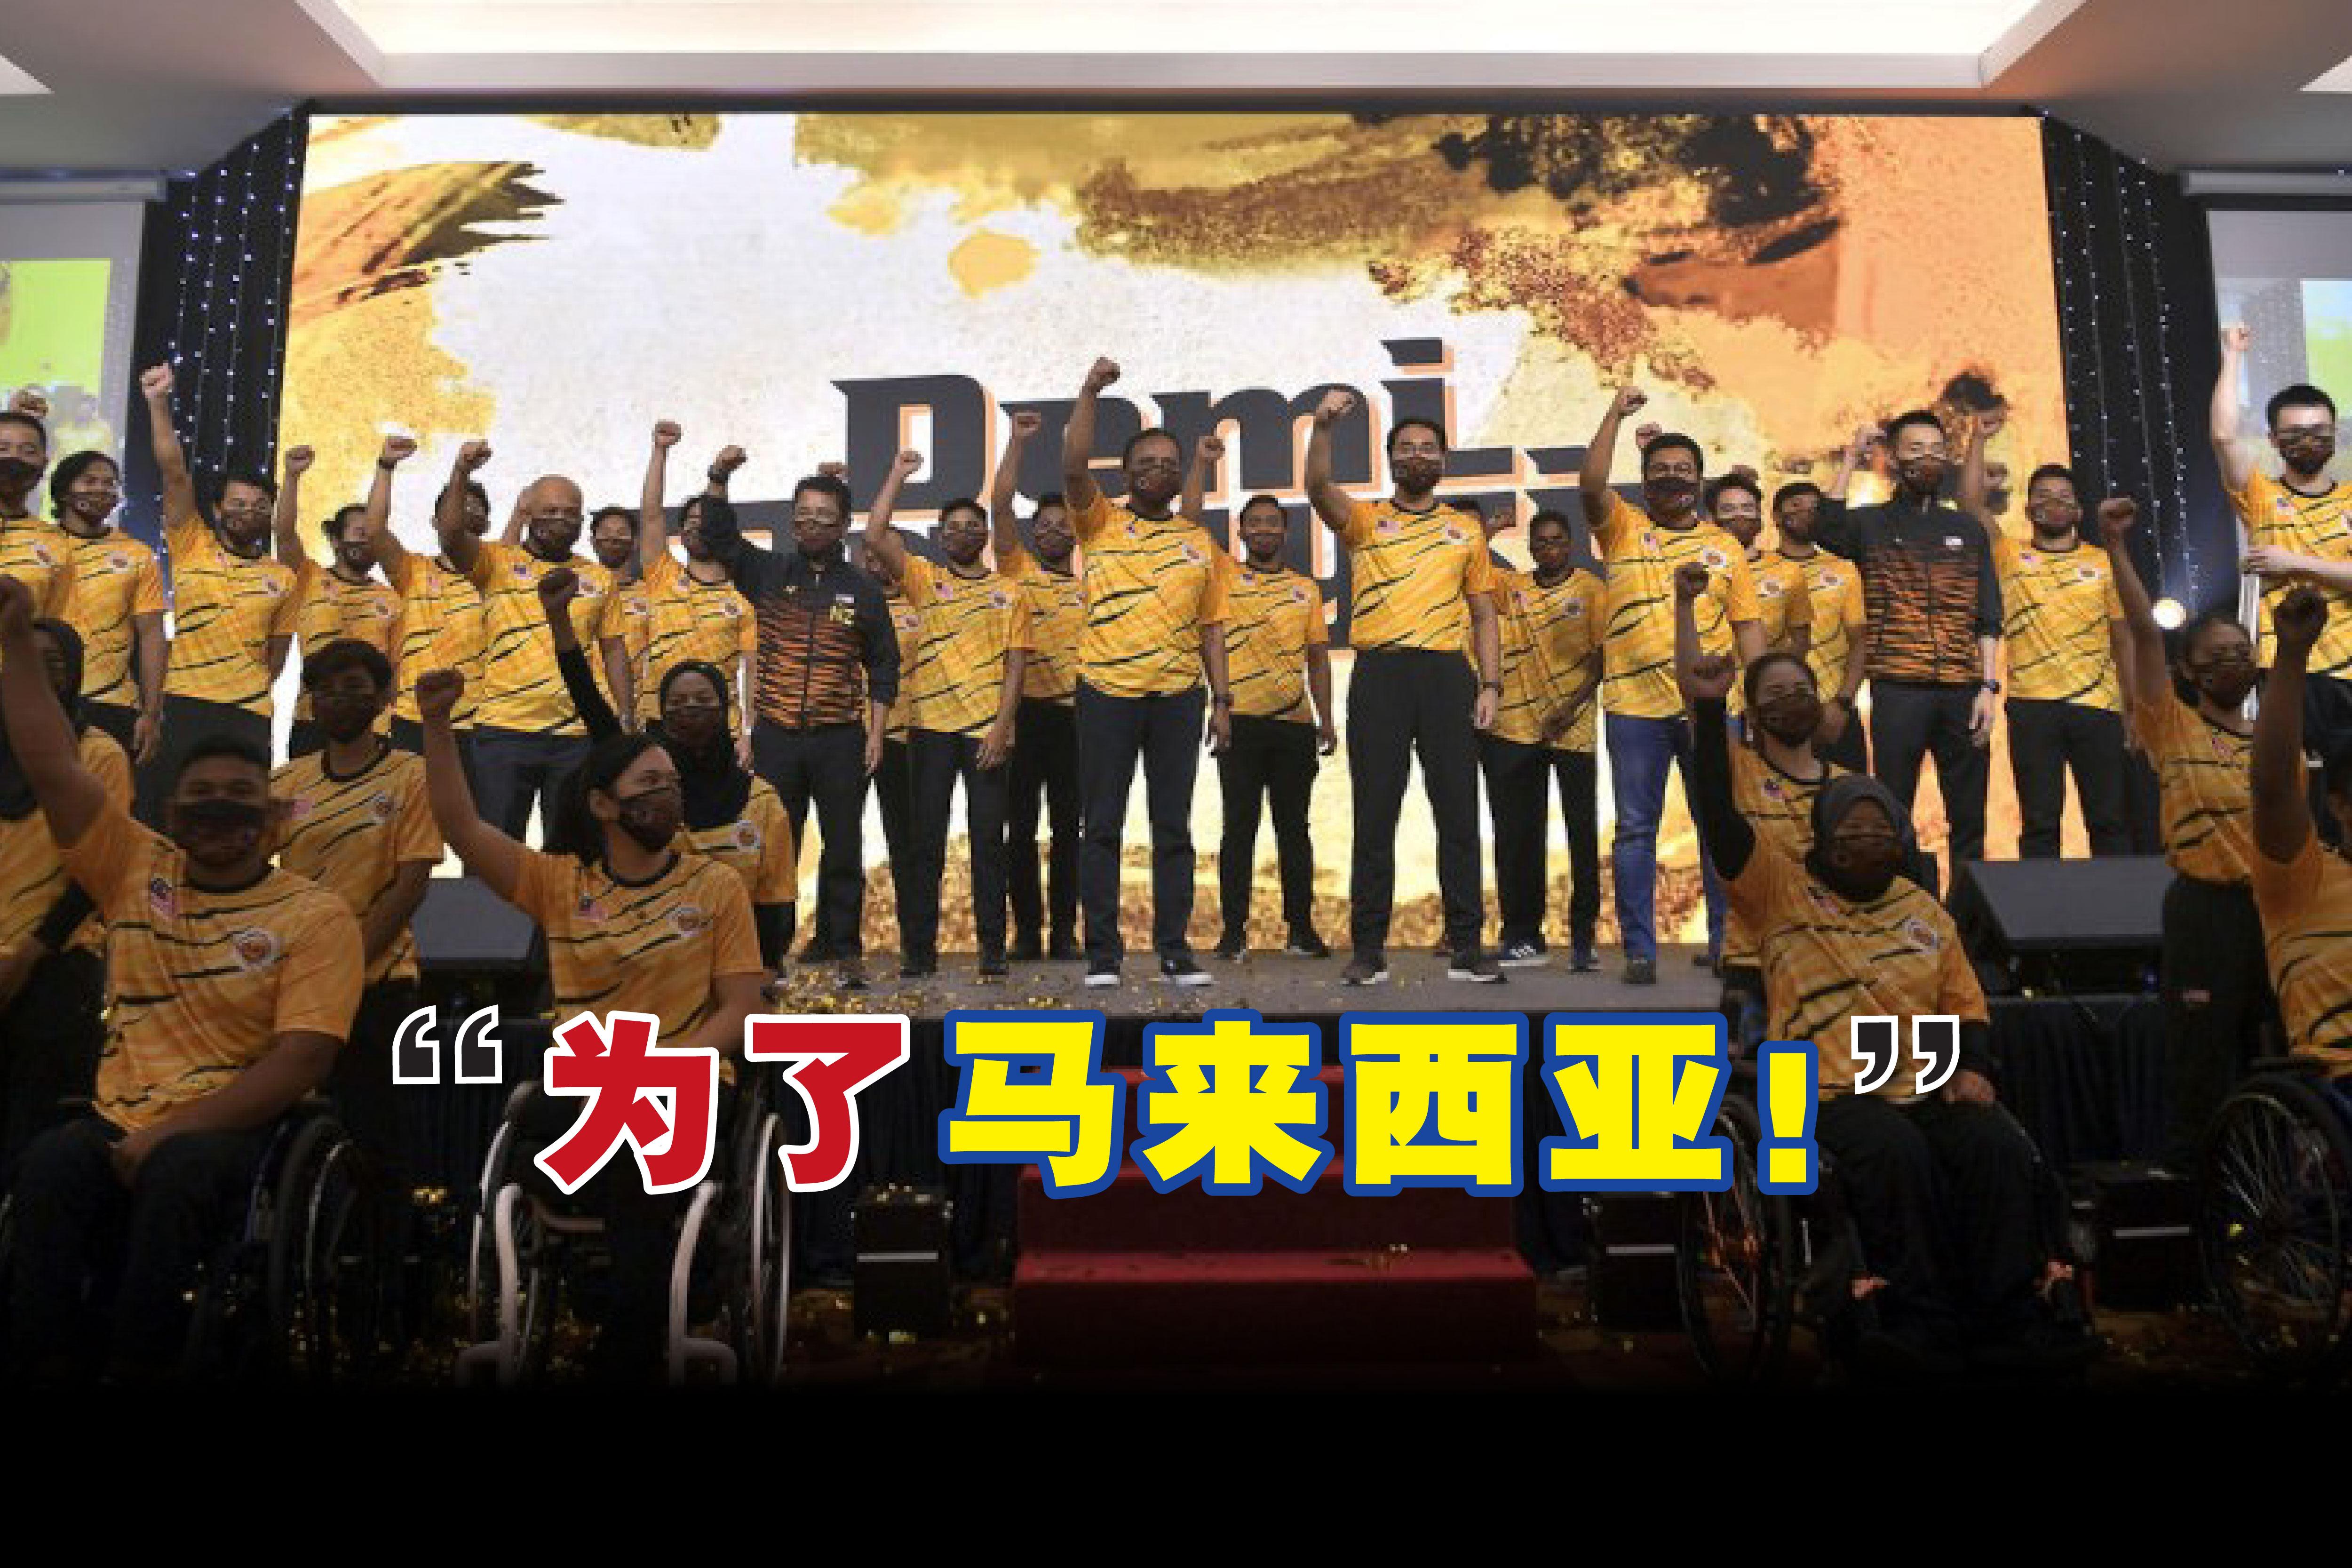 """配合东京奥运会倒数100天,大马代表团也推出了官网和口号""""为了马来西亚(Demi Malaysia)""""。-马新社/精彩大马制图-"""